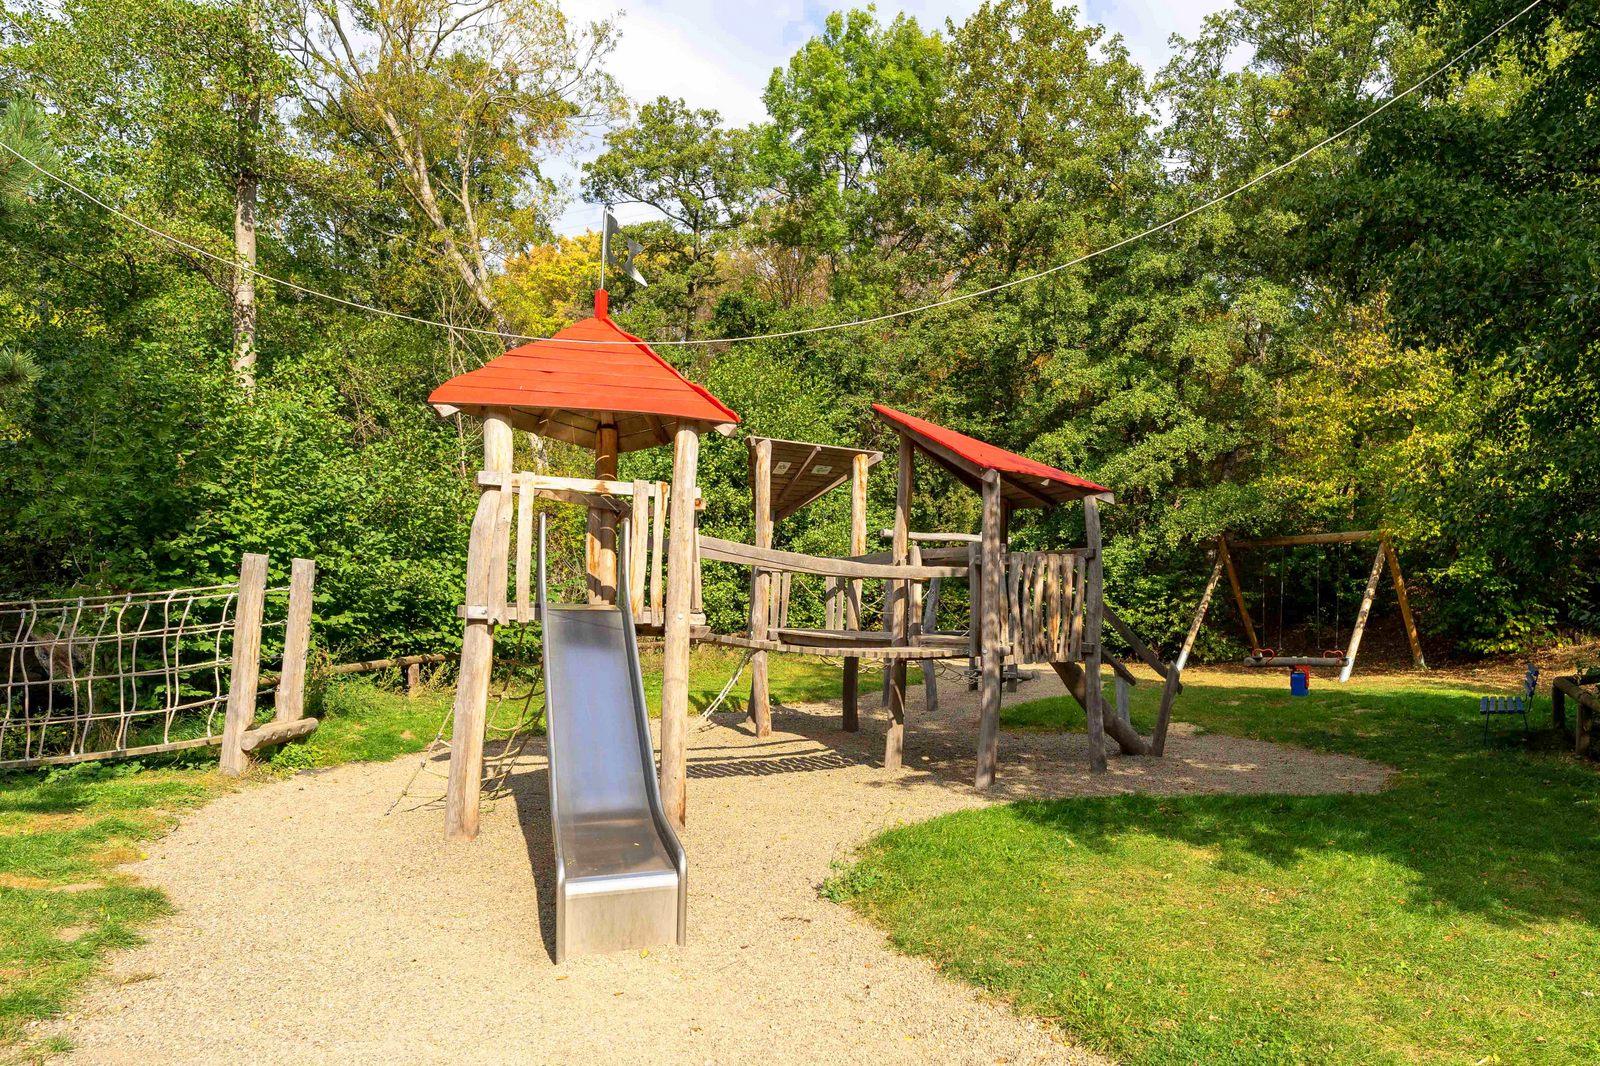 Spielplatz am Freizeitheim Forsthaus Eggerode im Harz in Deutschland für Kinderfreizeiten